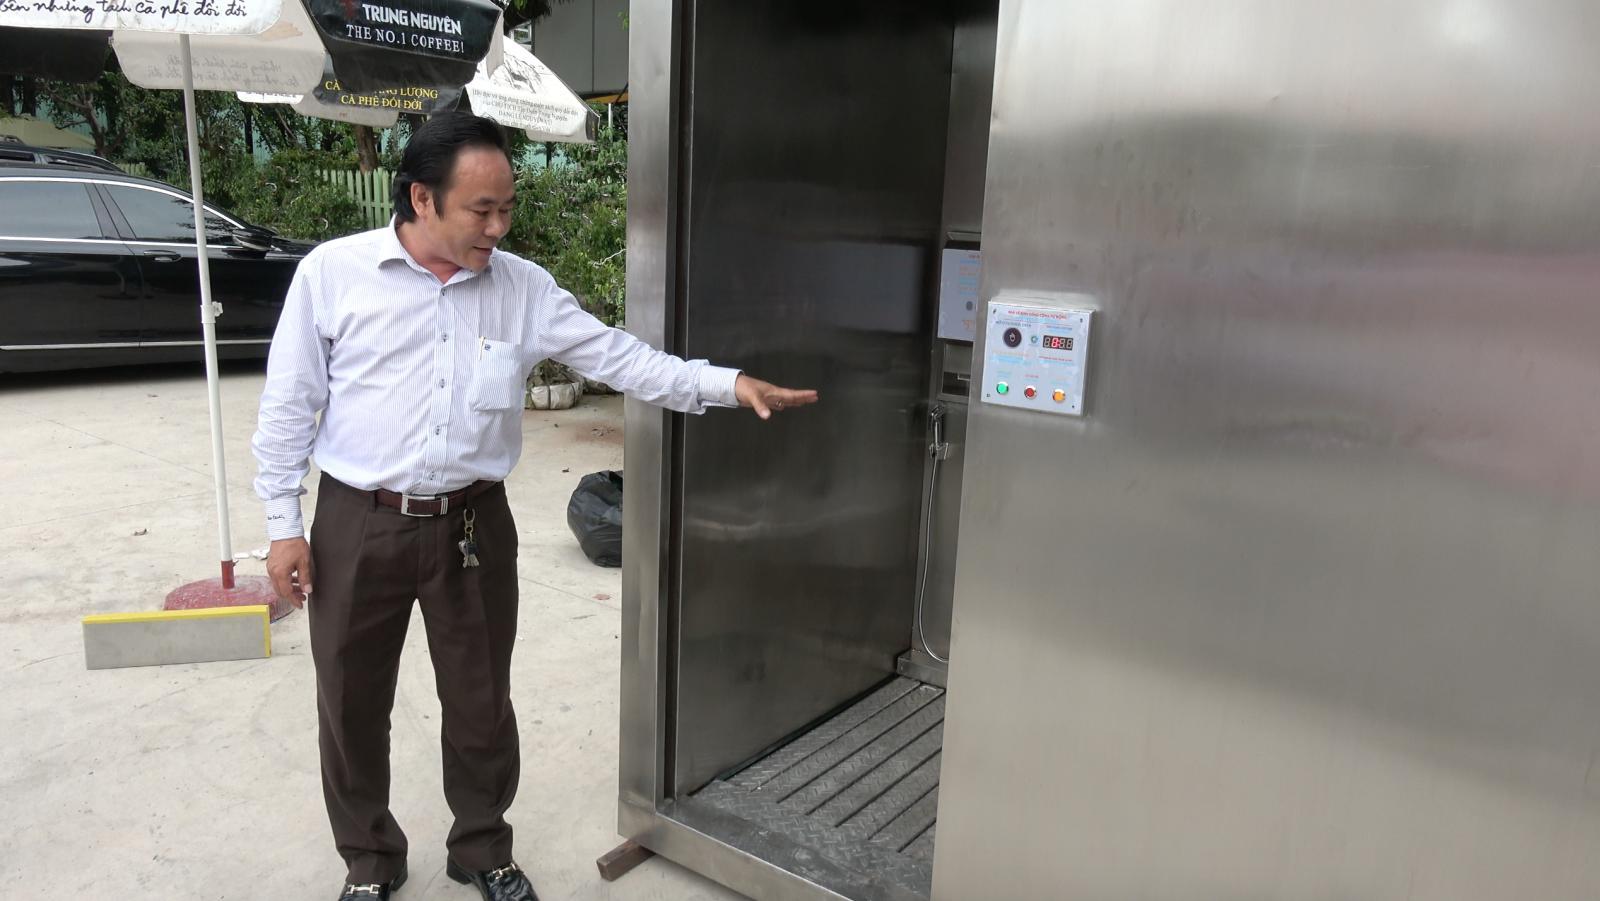 Nghe ông Hiệp 'toilet' nói về giấc mơ xây nhà vệ sinh chuẩn '5 sao' miễn phí cho người dân Ảnh 2